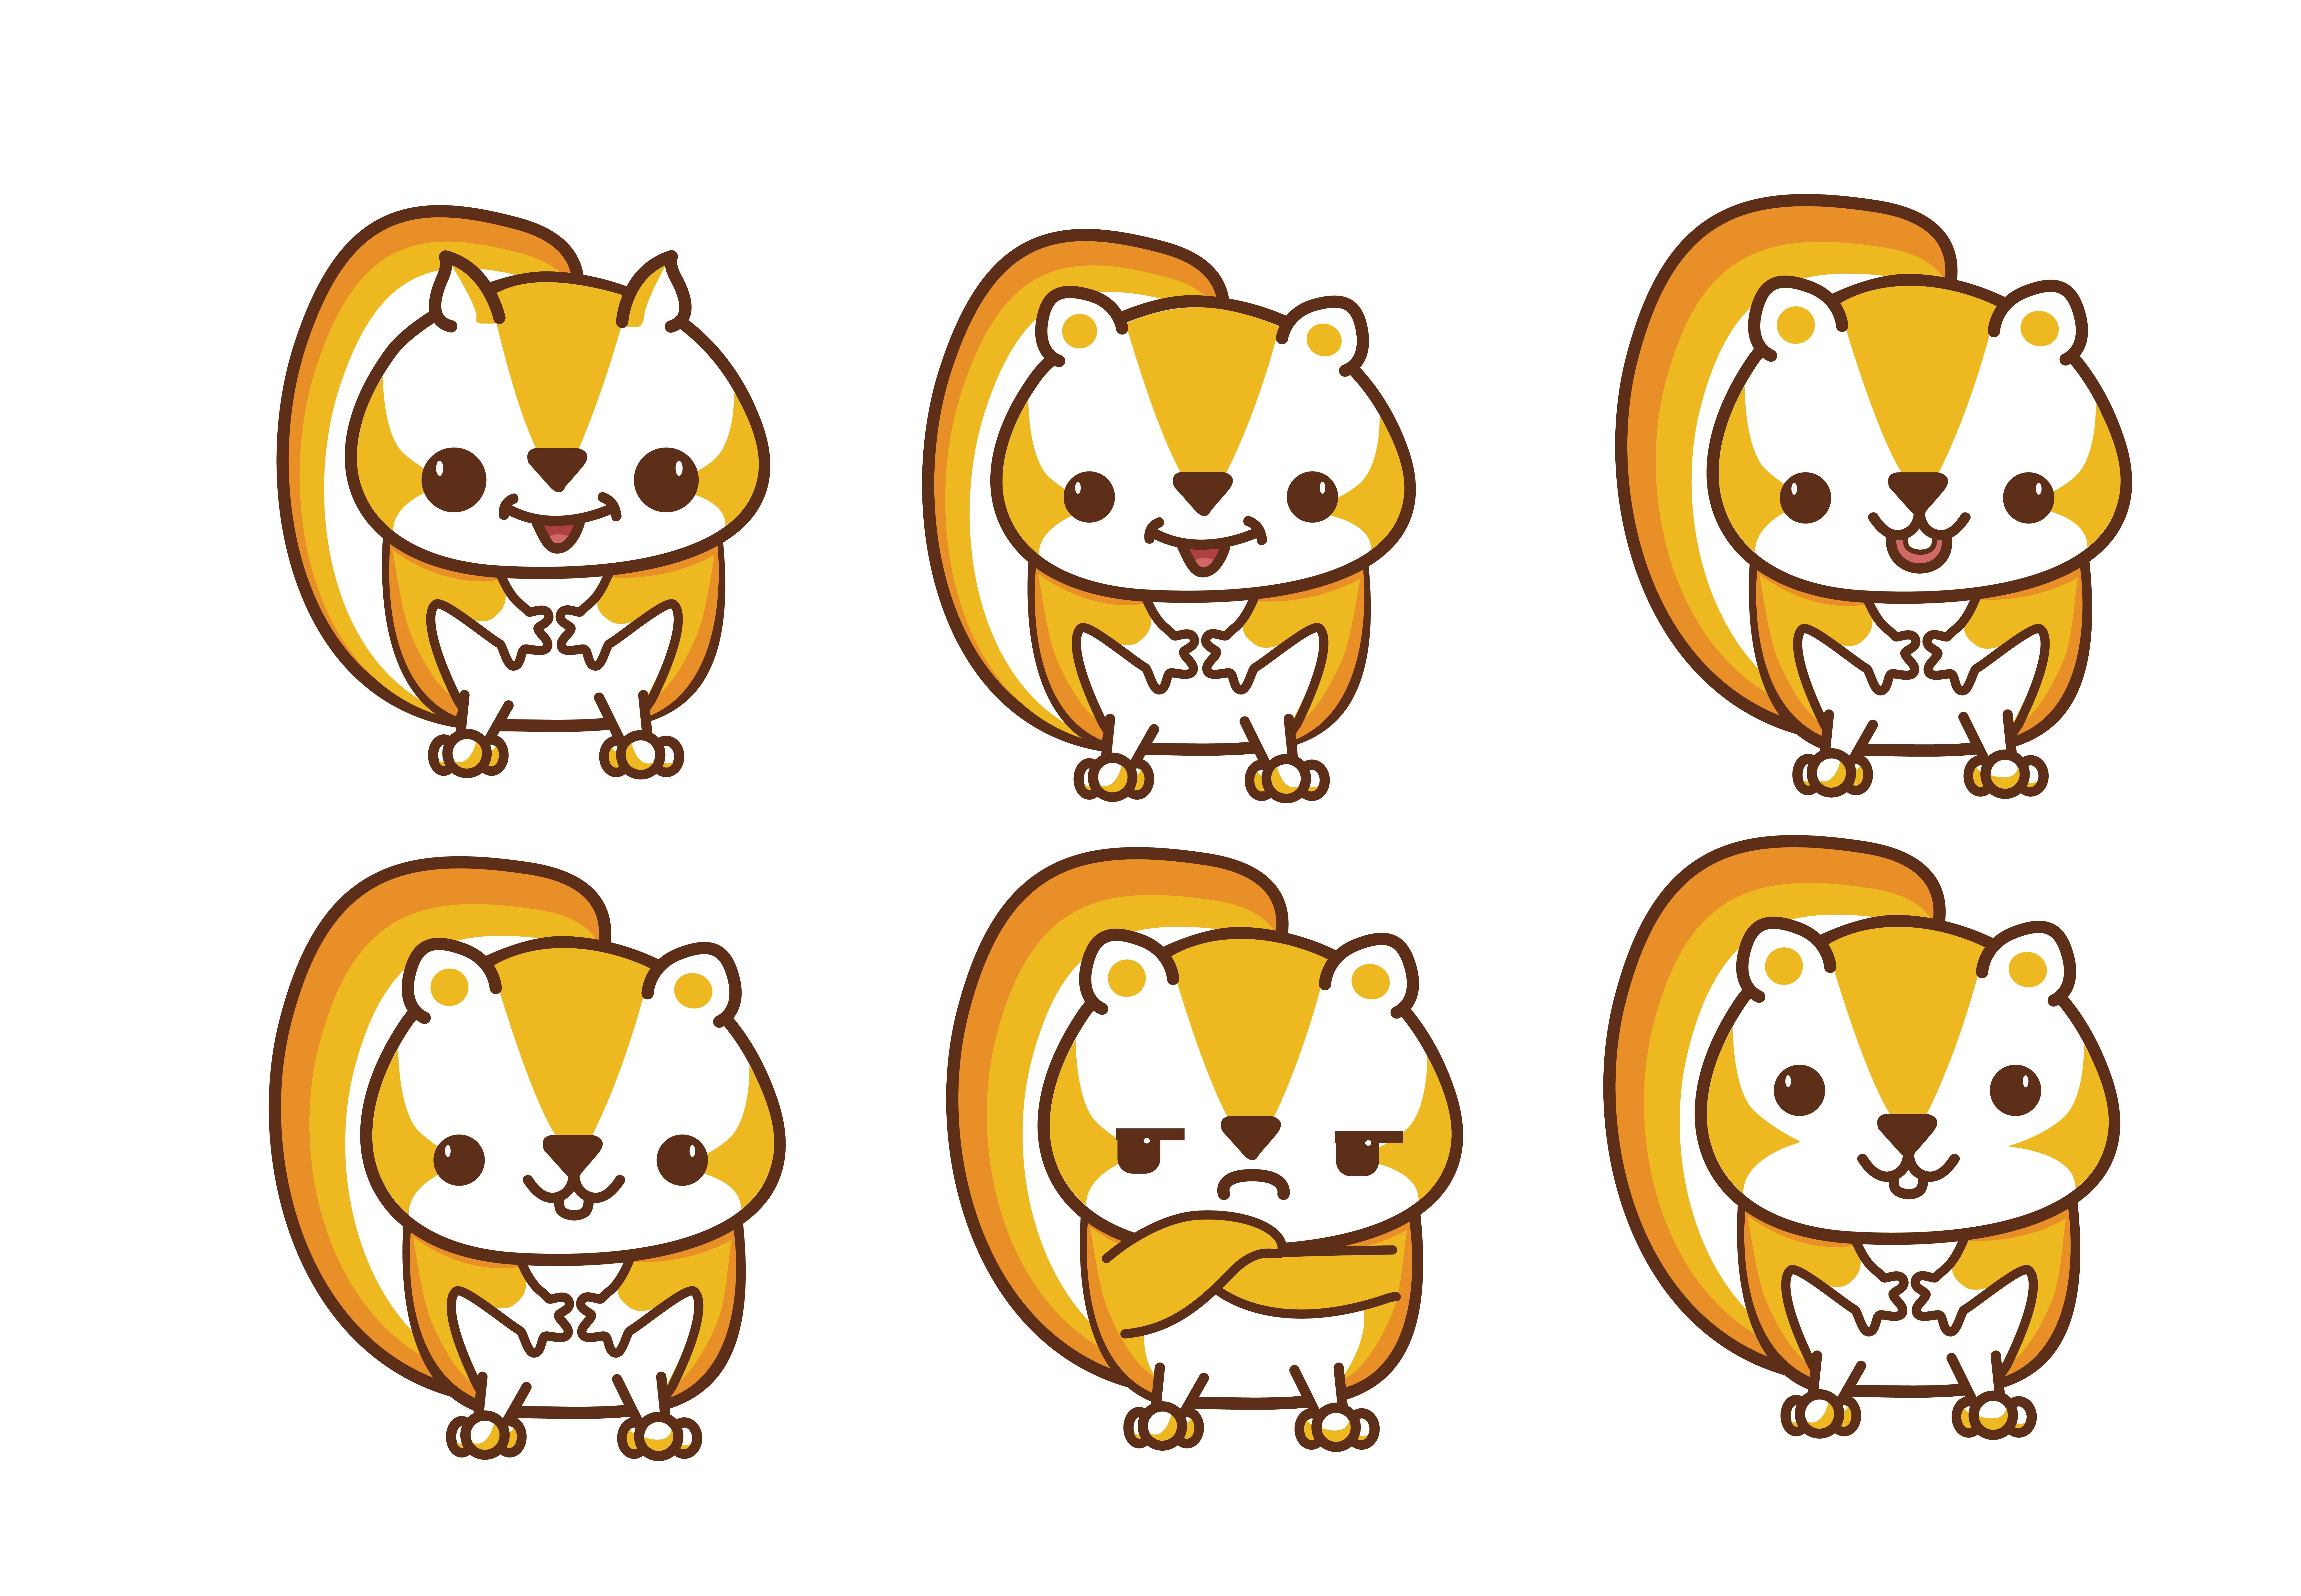 松鼠 卡通形象设计 插画